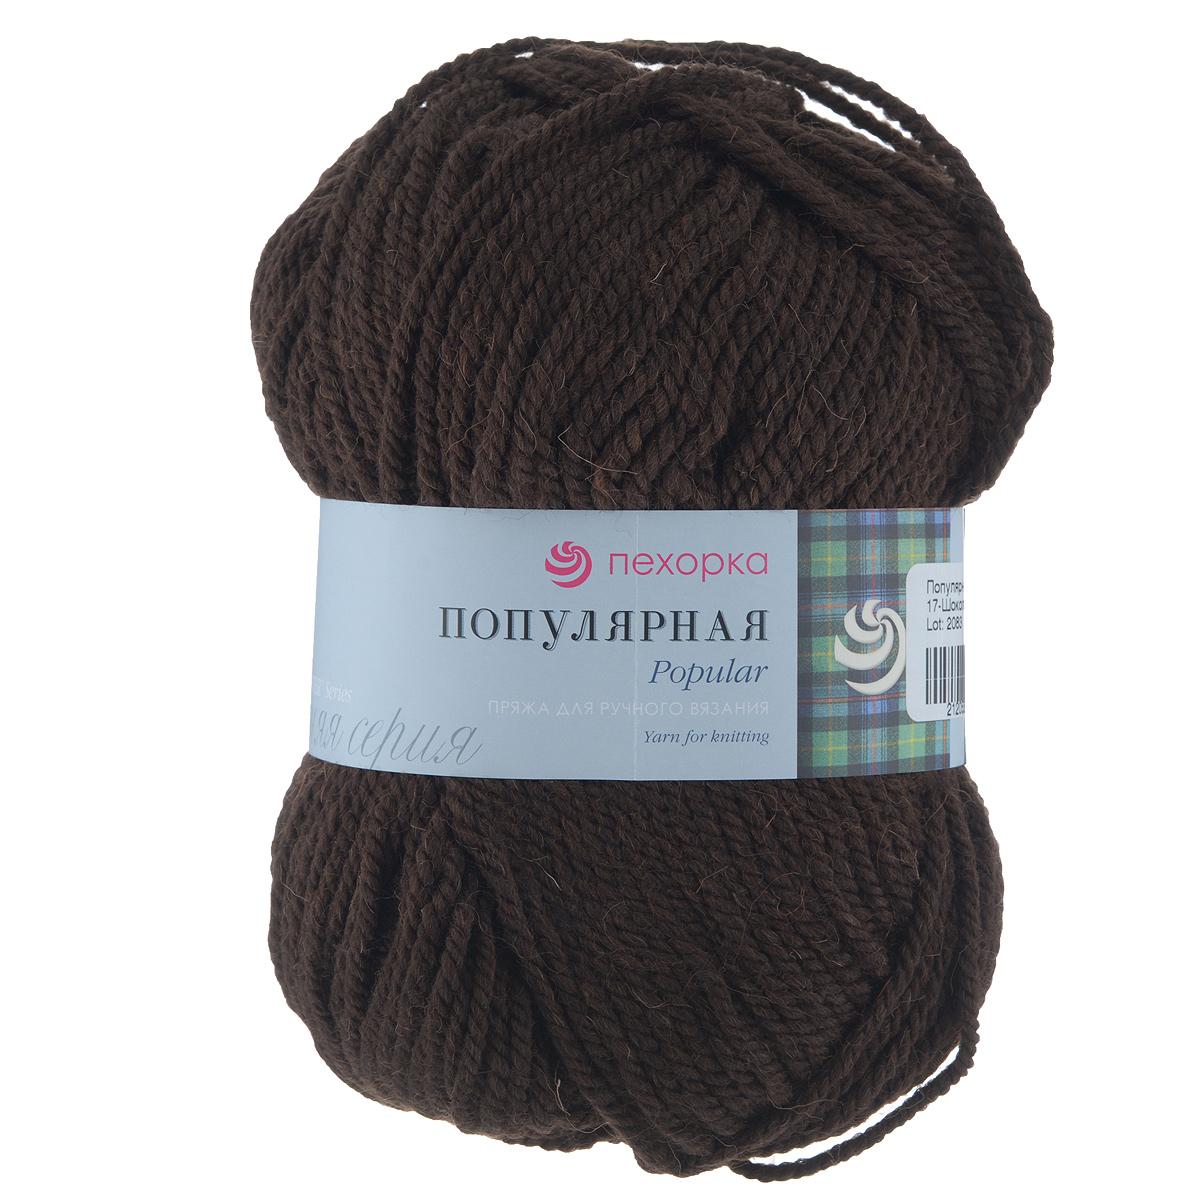 Пряжа для вязания Пехорка Популярная, цвет: шоколад (17), 133 м, 100 г, 10 шт360031_17_17-ШоколадПряжа для вязания Пехорка Популярная изготовлена из шерсти и акрила. Эта полушерстяная классическая пряжа подходит для ручного вязания. Пряжа предназначена для толстых зимних свитеров, джемперов, шапок, шарфов. Импортная полутонкая шерсть придает изделию из нее следующие свойства: прочность, упругость, высокую износостойкость и теплоизоляционные качества. Благодаря шерсти в составе пряжи, изделия получаются очень теплыми, а процент акрила придает практичности, поэтому вещи из этой пряжи не деформируются после стирки и в процессе носки. Рекомендуются спицы № 6. Комплектация: 10 мотков. Состав: 50% шерсть, 50% акрил.